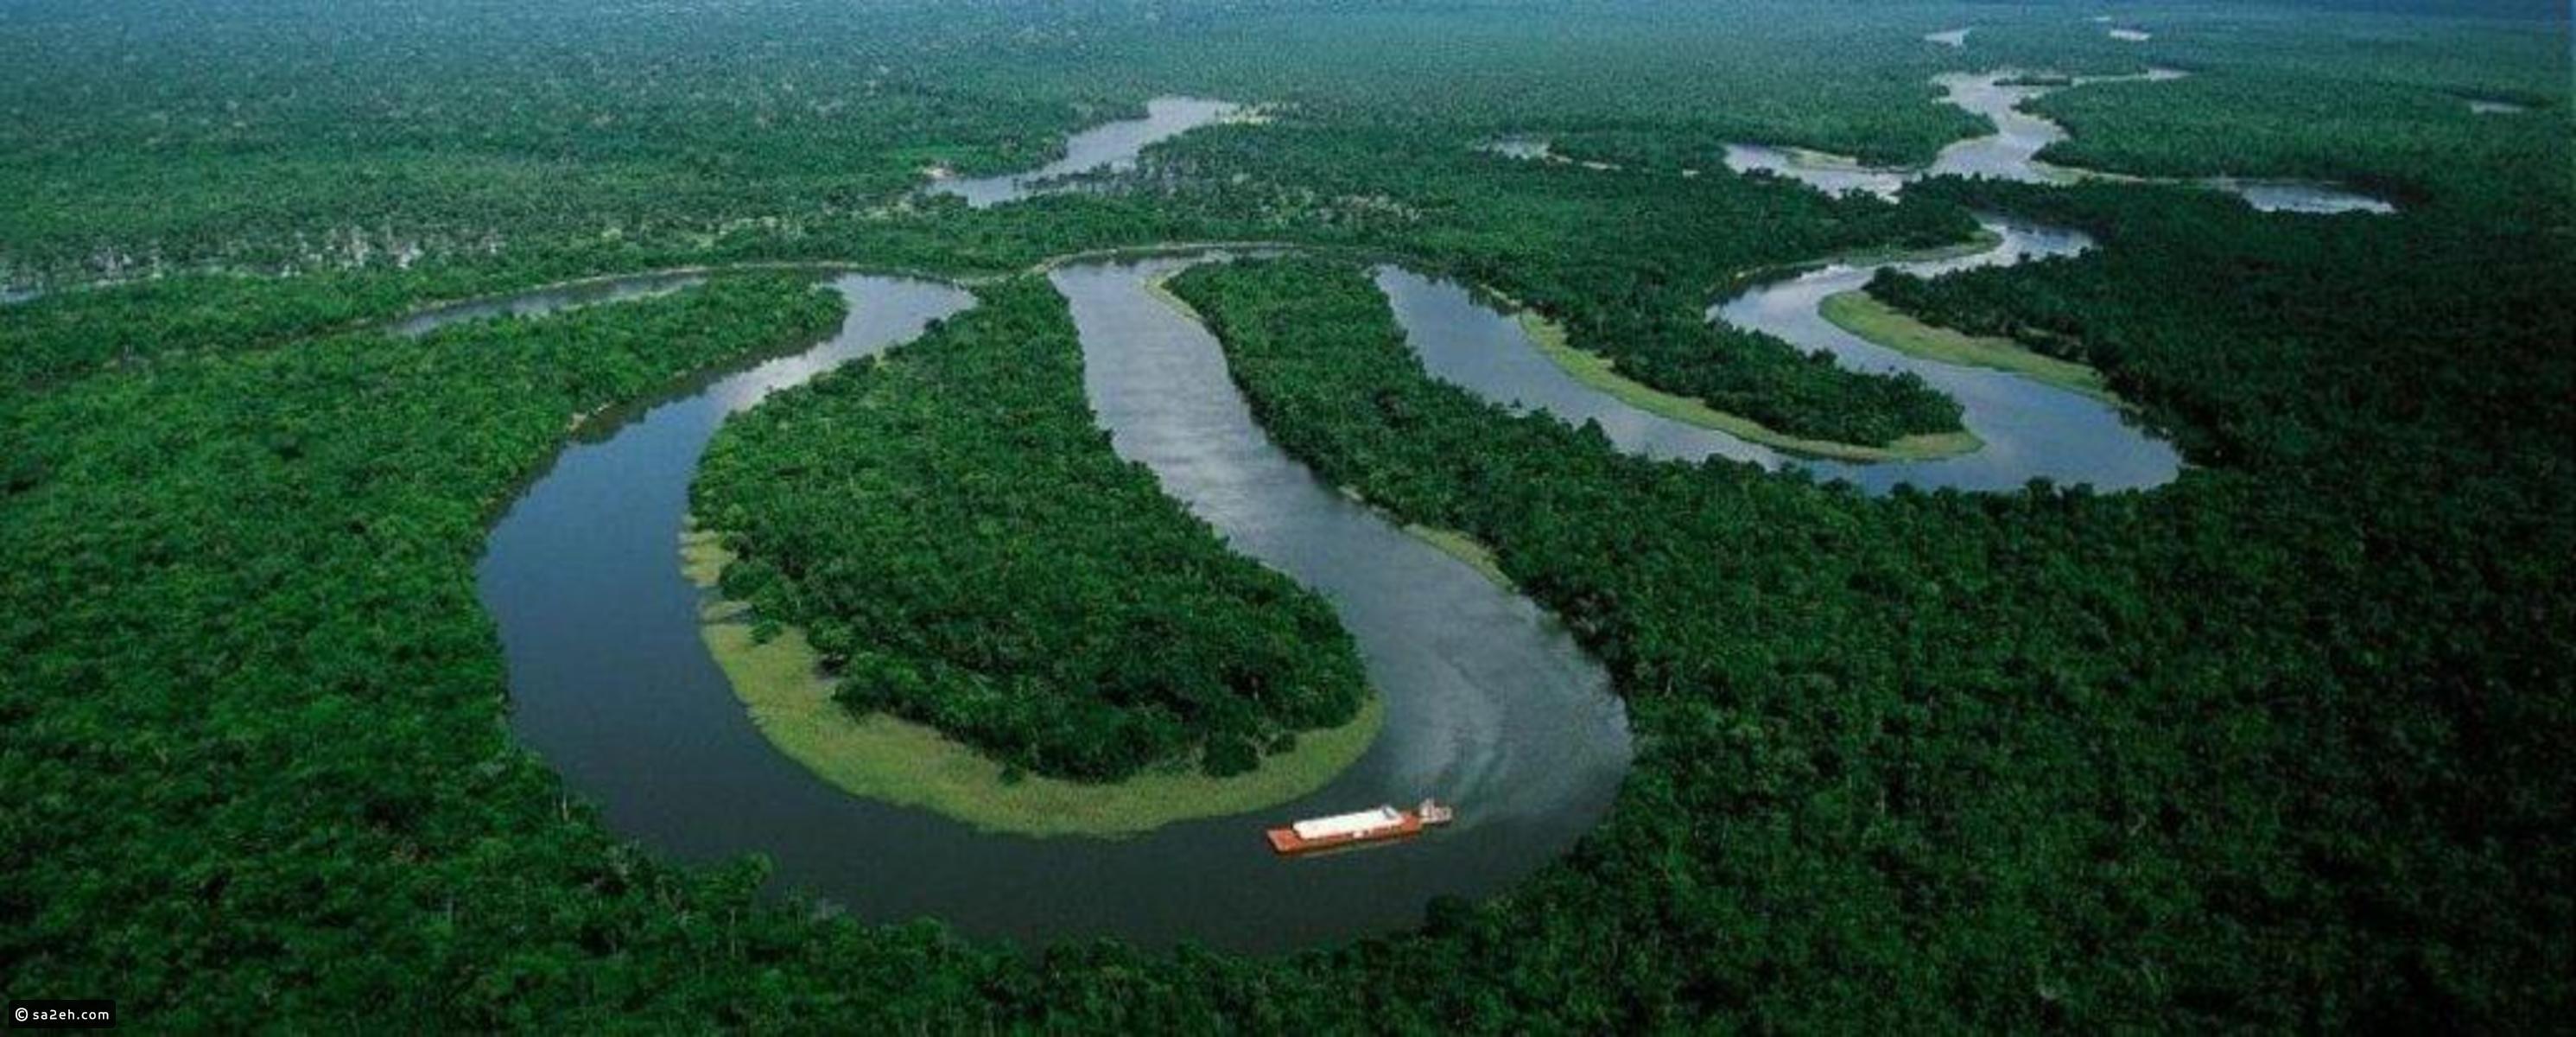 بالصور  ..  تعرف على السياحة في غابات الأمازون